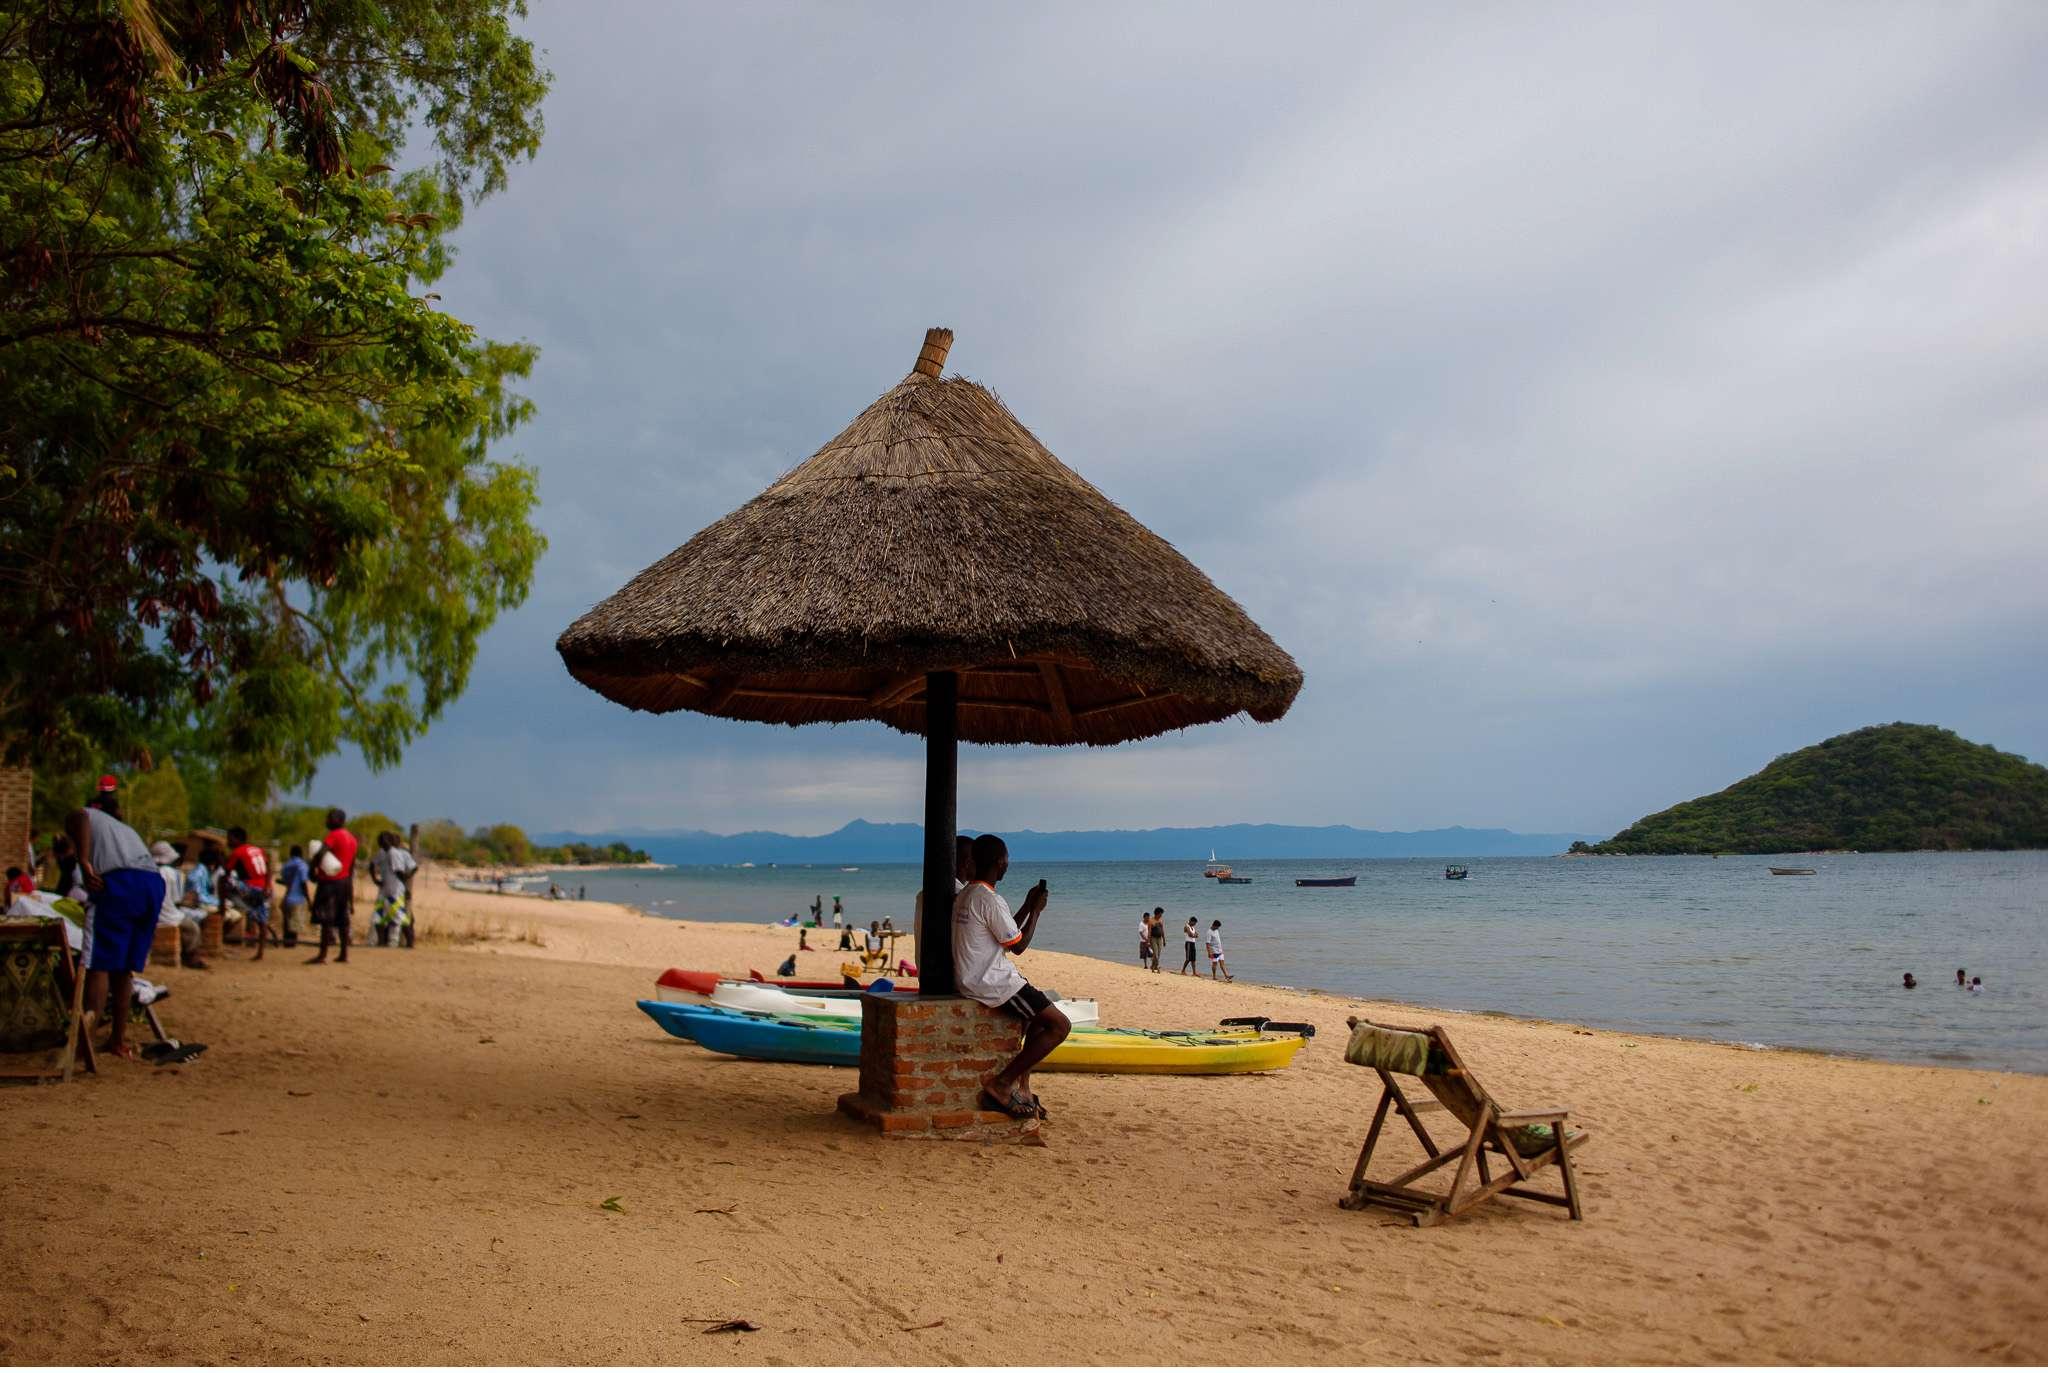 Malawi-Quer durch Afrika- Geschichten von unterwegs by Marion and Daniel-46